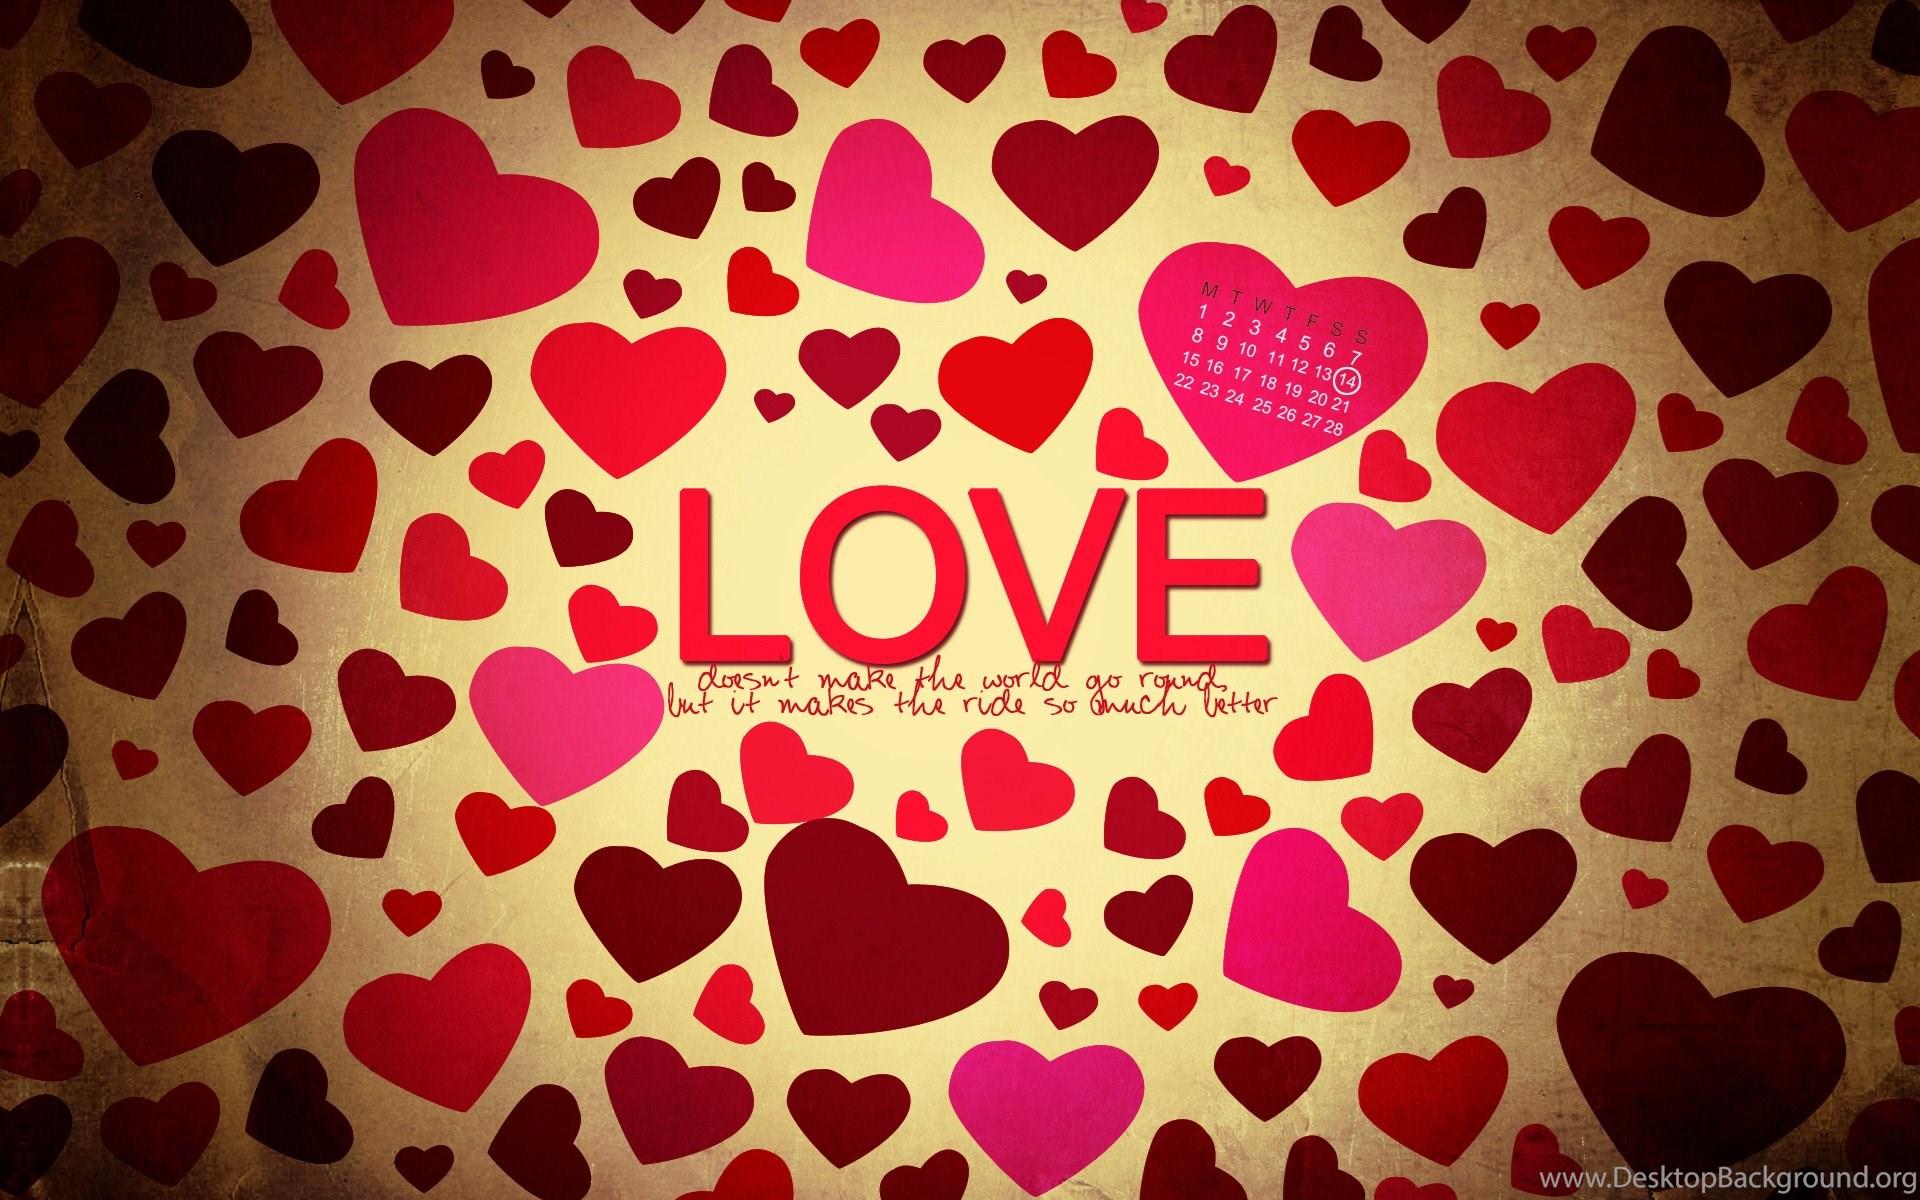 Hearts, Love, Countless, Desktop, Walls, Wallpapers ( Desktop Background